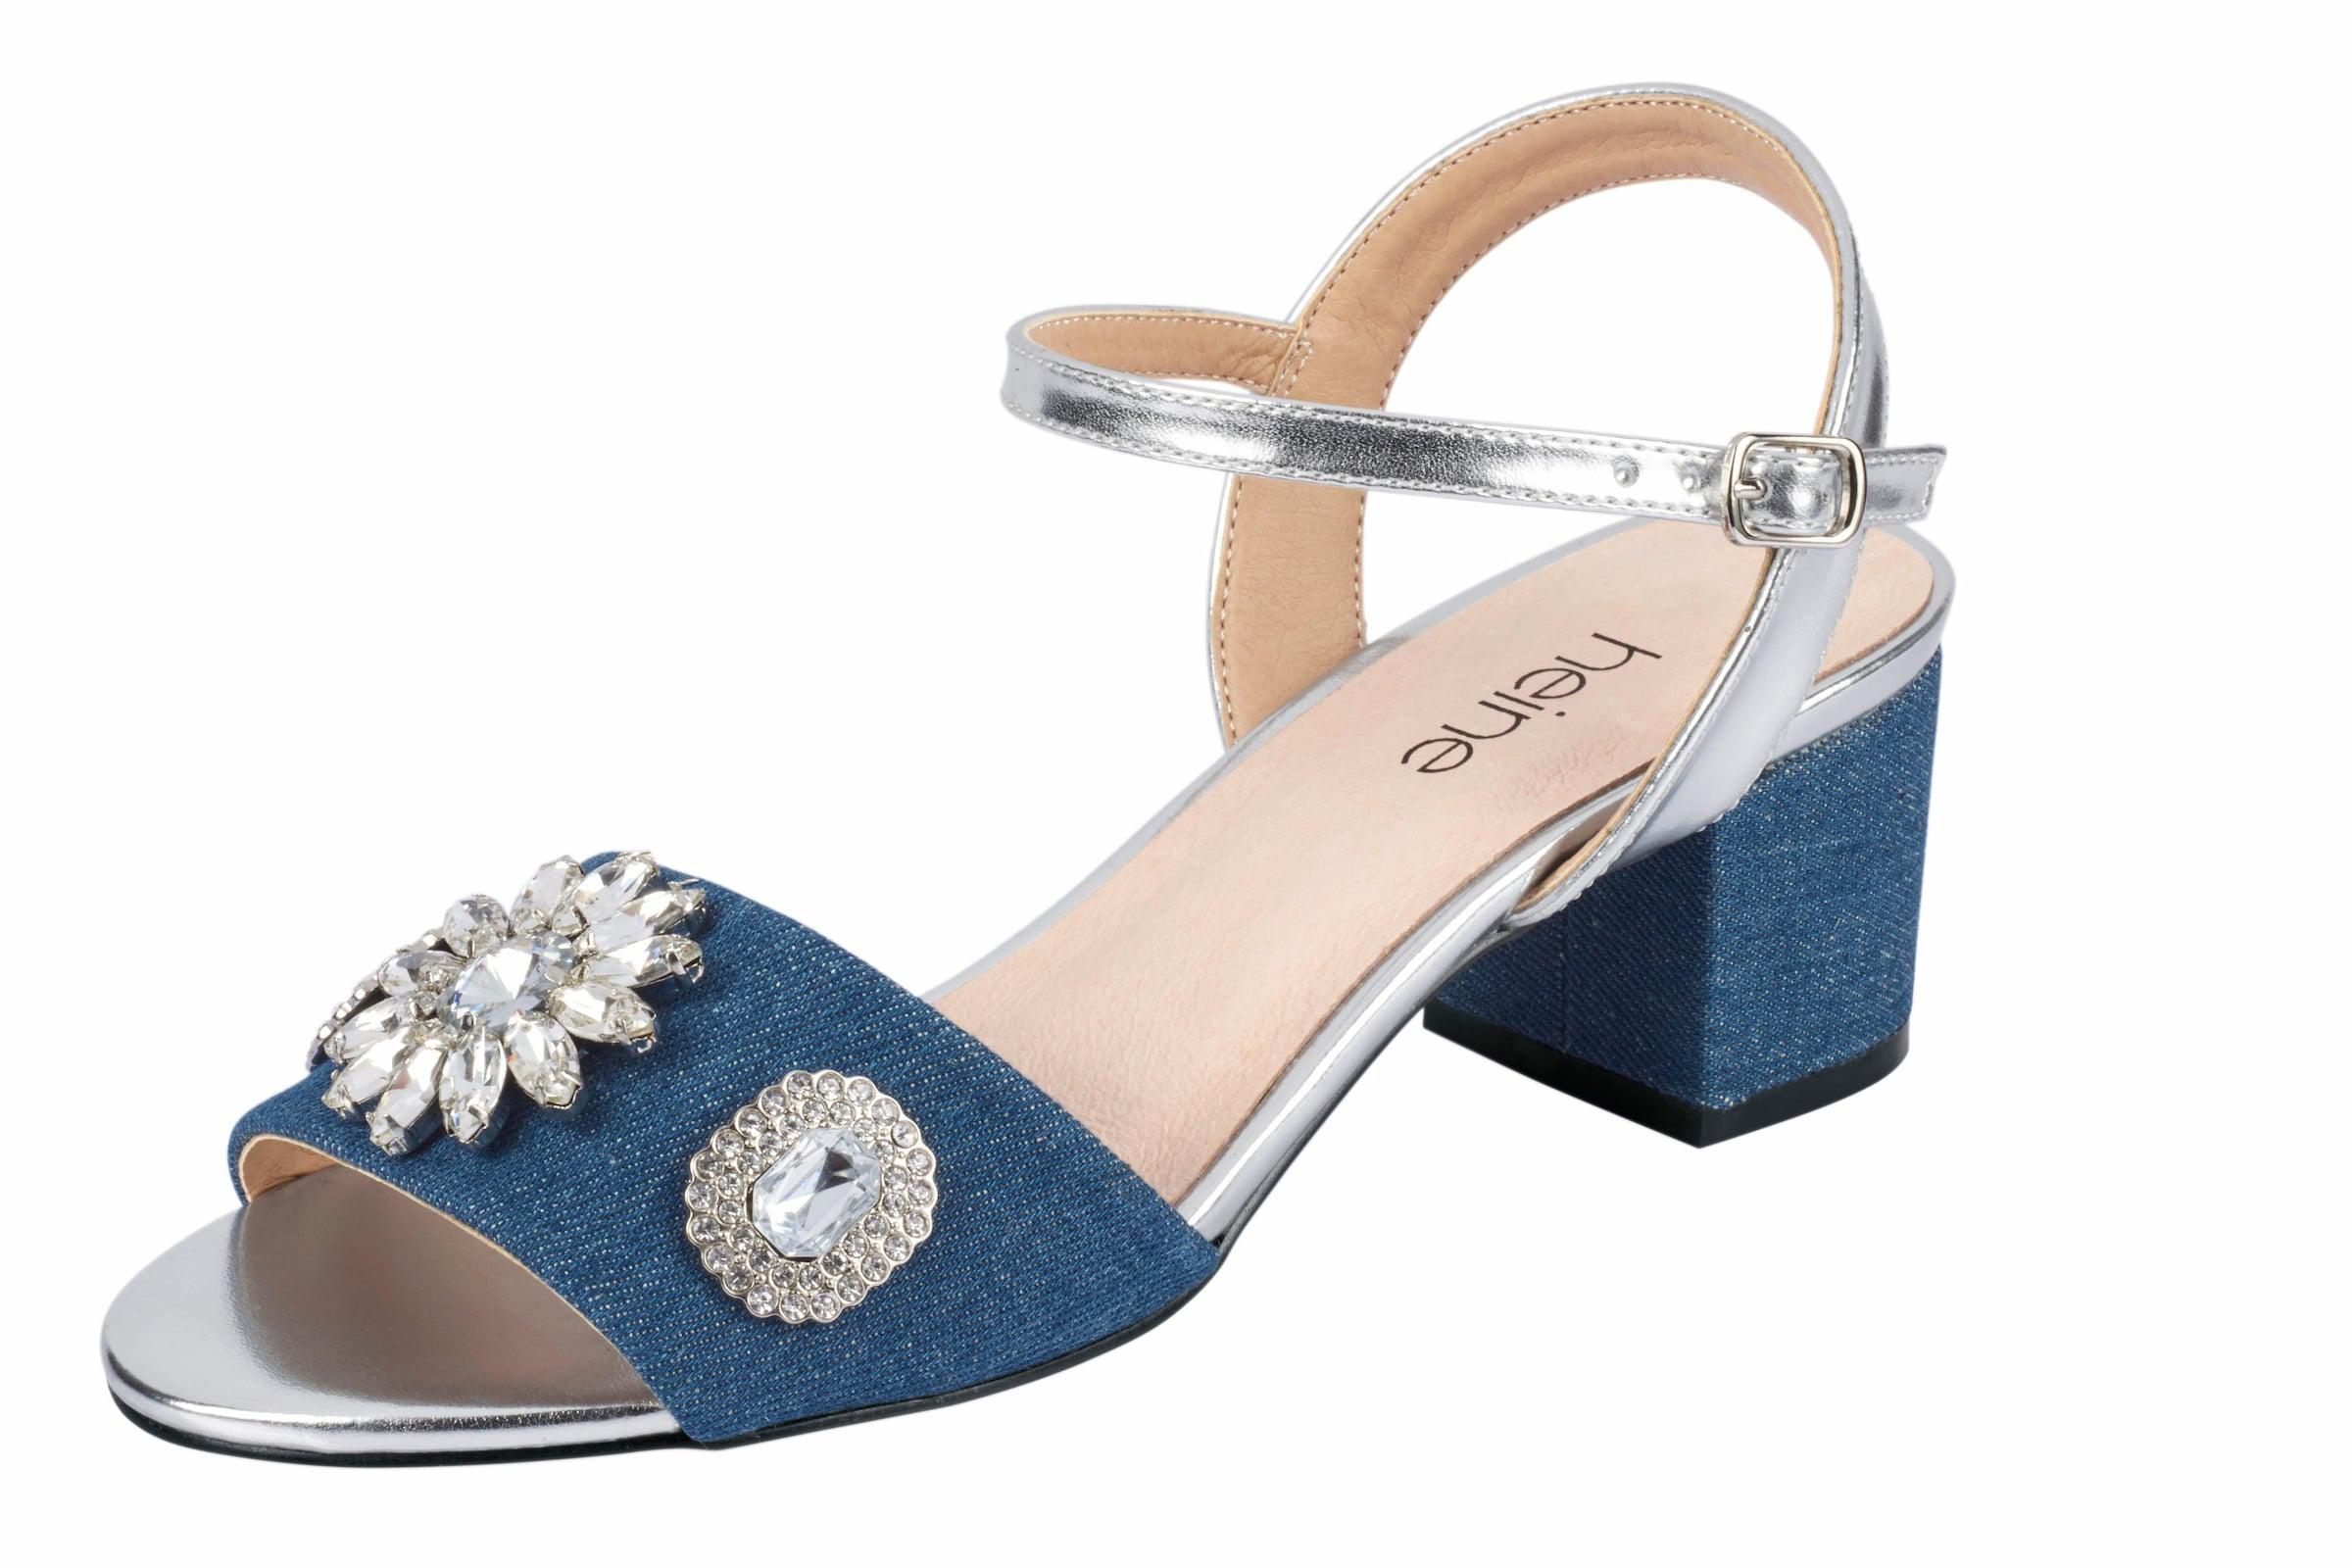 Haltbare Mode billige Schuhe heine   Sandalette mit Schmucksteinen Schuhe Gut getragene Schuhe